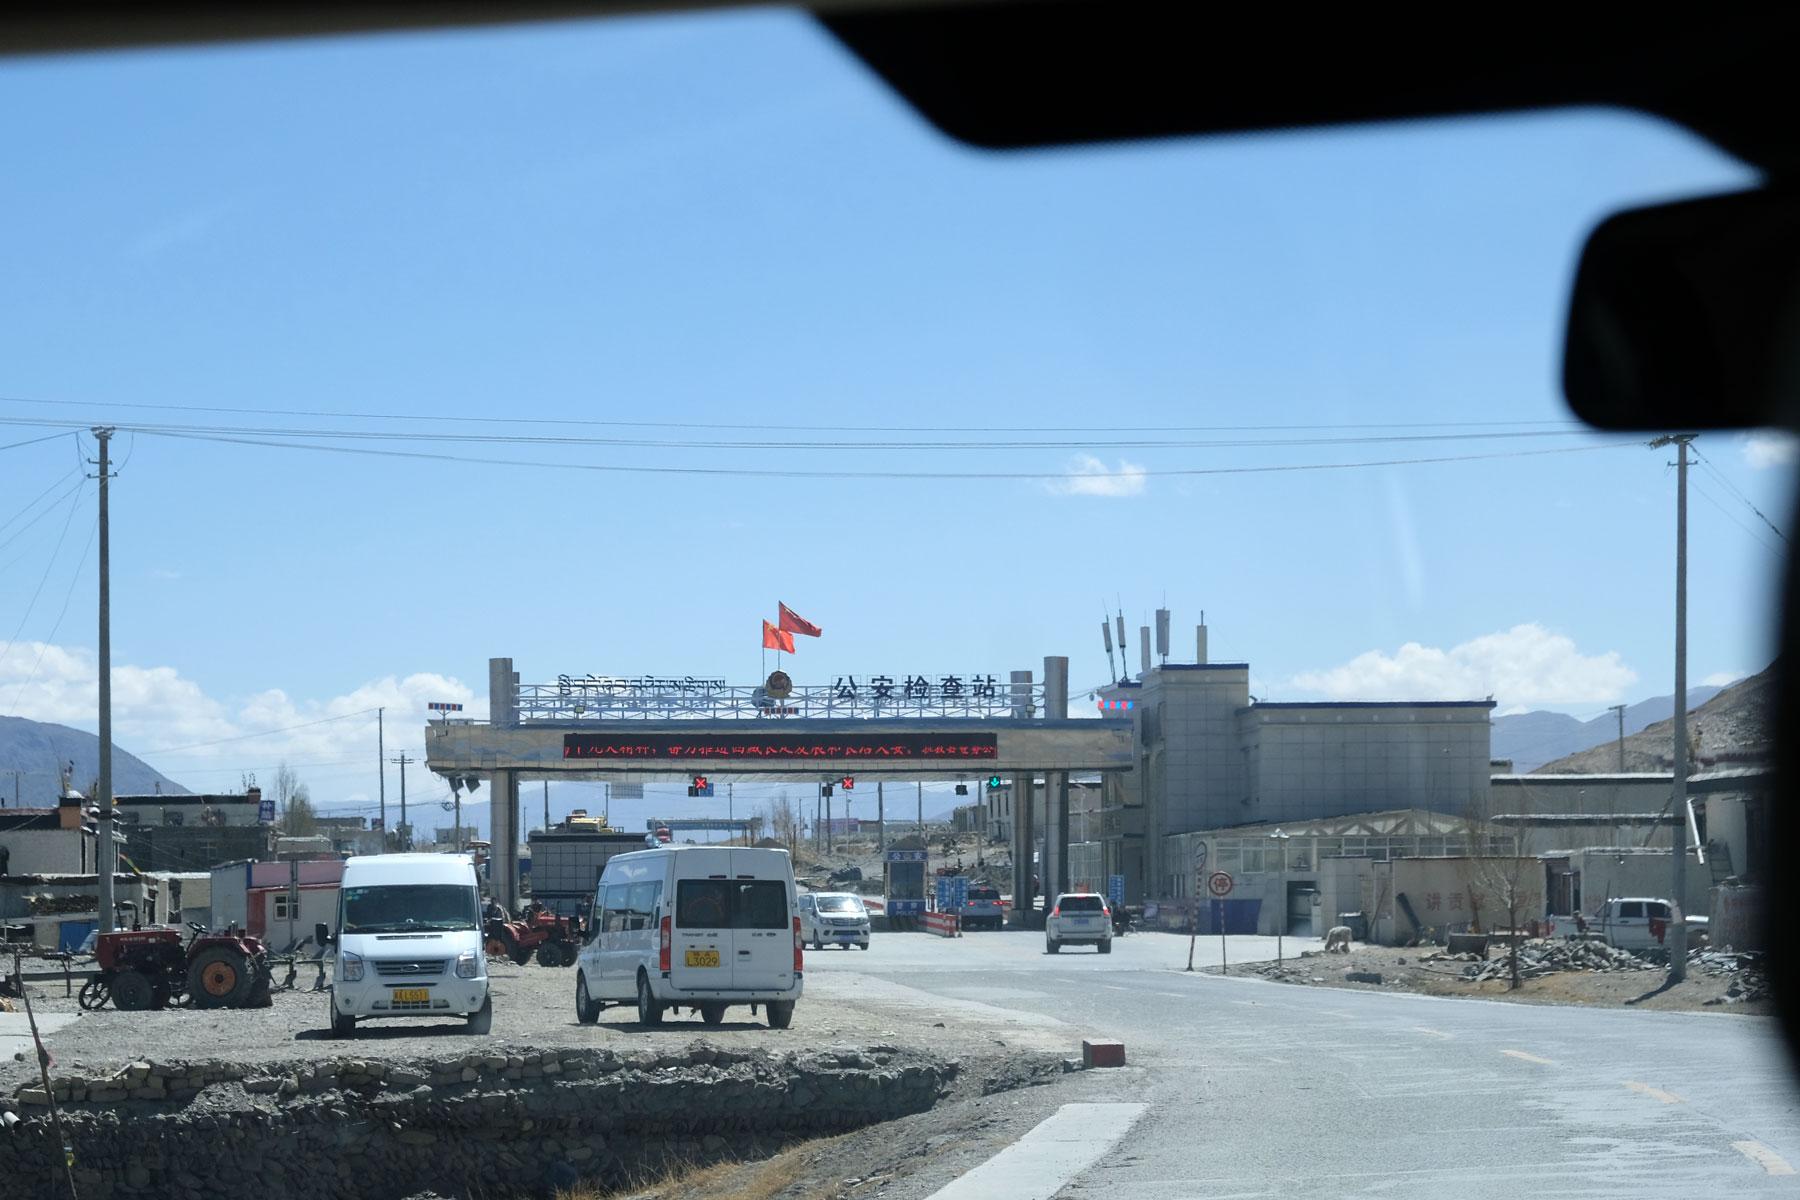 Kontrollposten der chinesischen Polizei in Tibet.